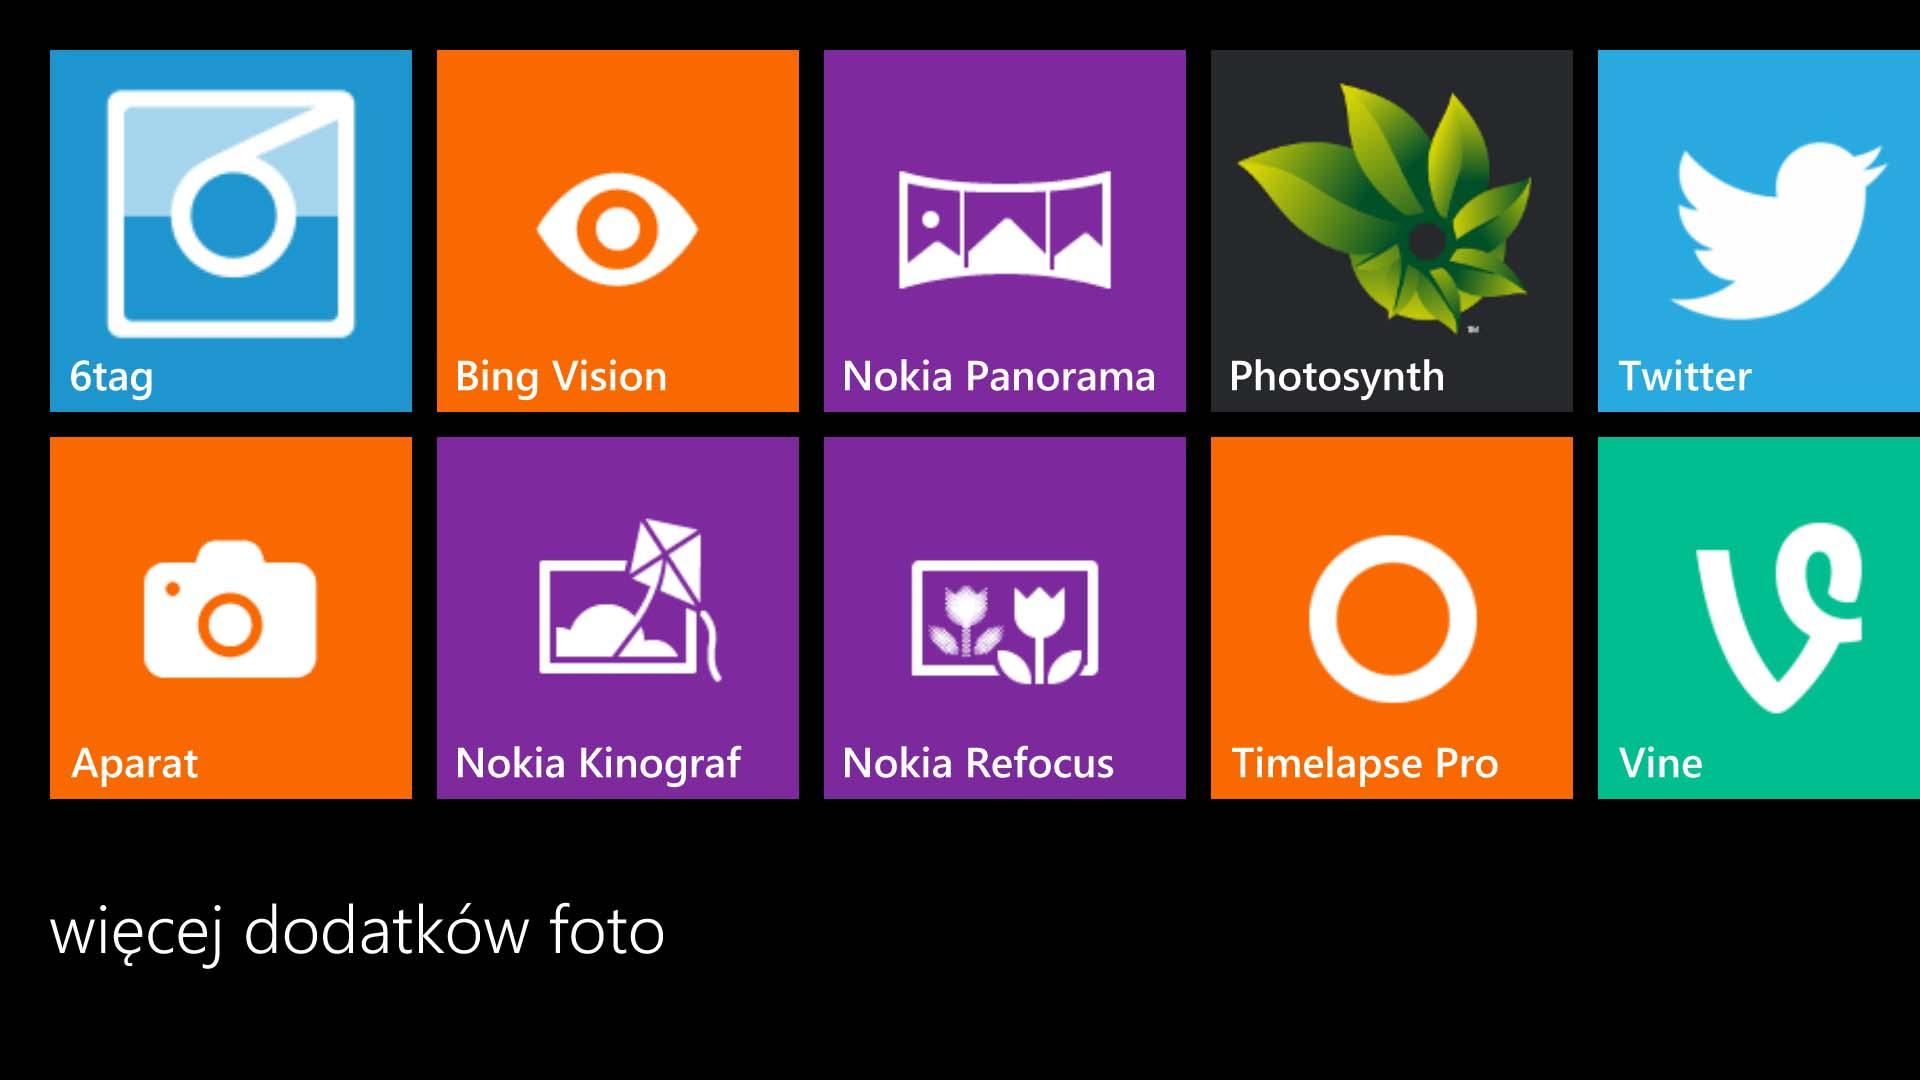 Nokia-Lumia-930-Test-review-7972 bet365 lotto kombinationsregeln bet365 willkommens-bonus bedingungen und konditionen